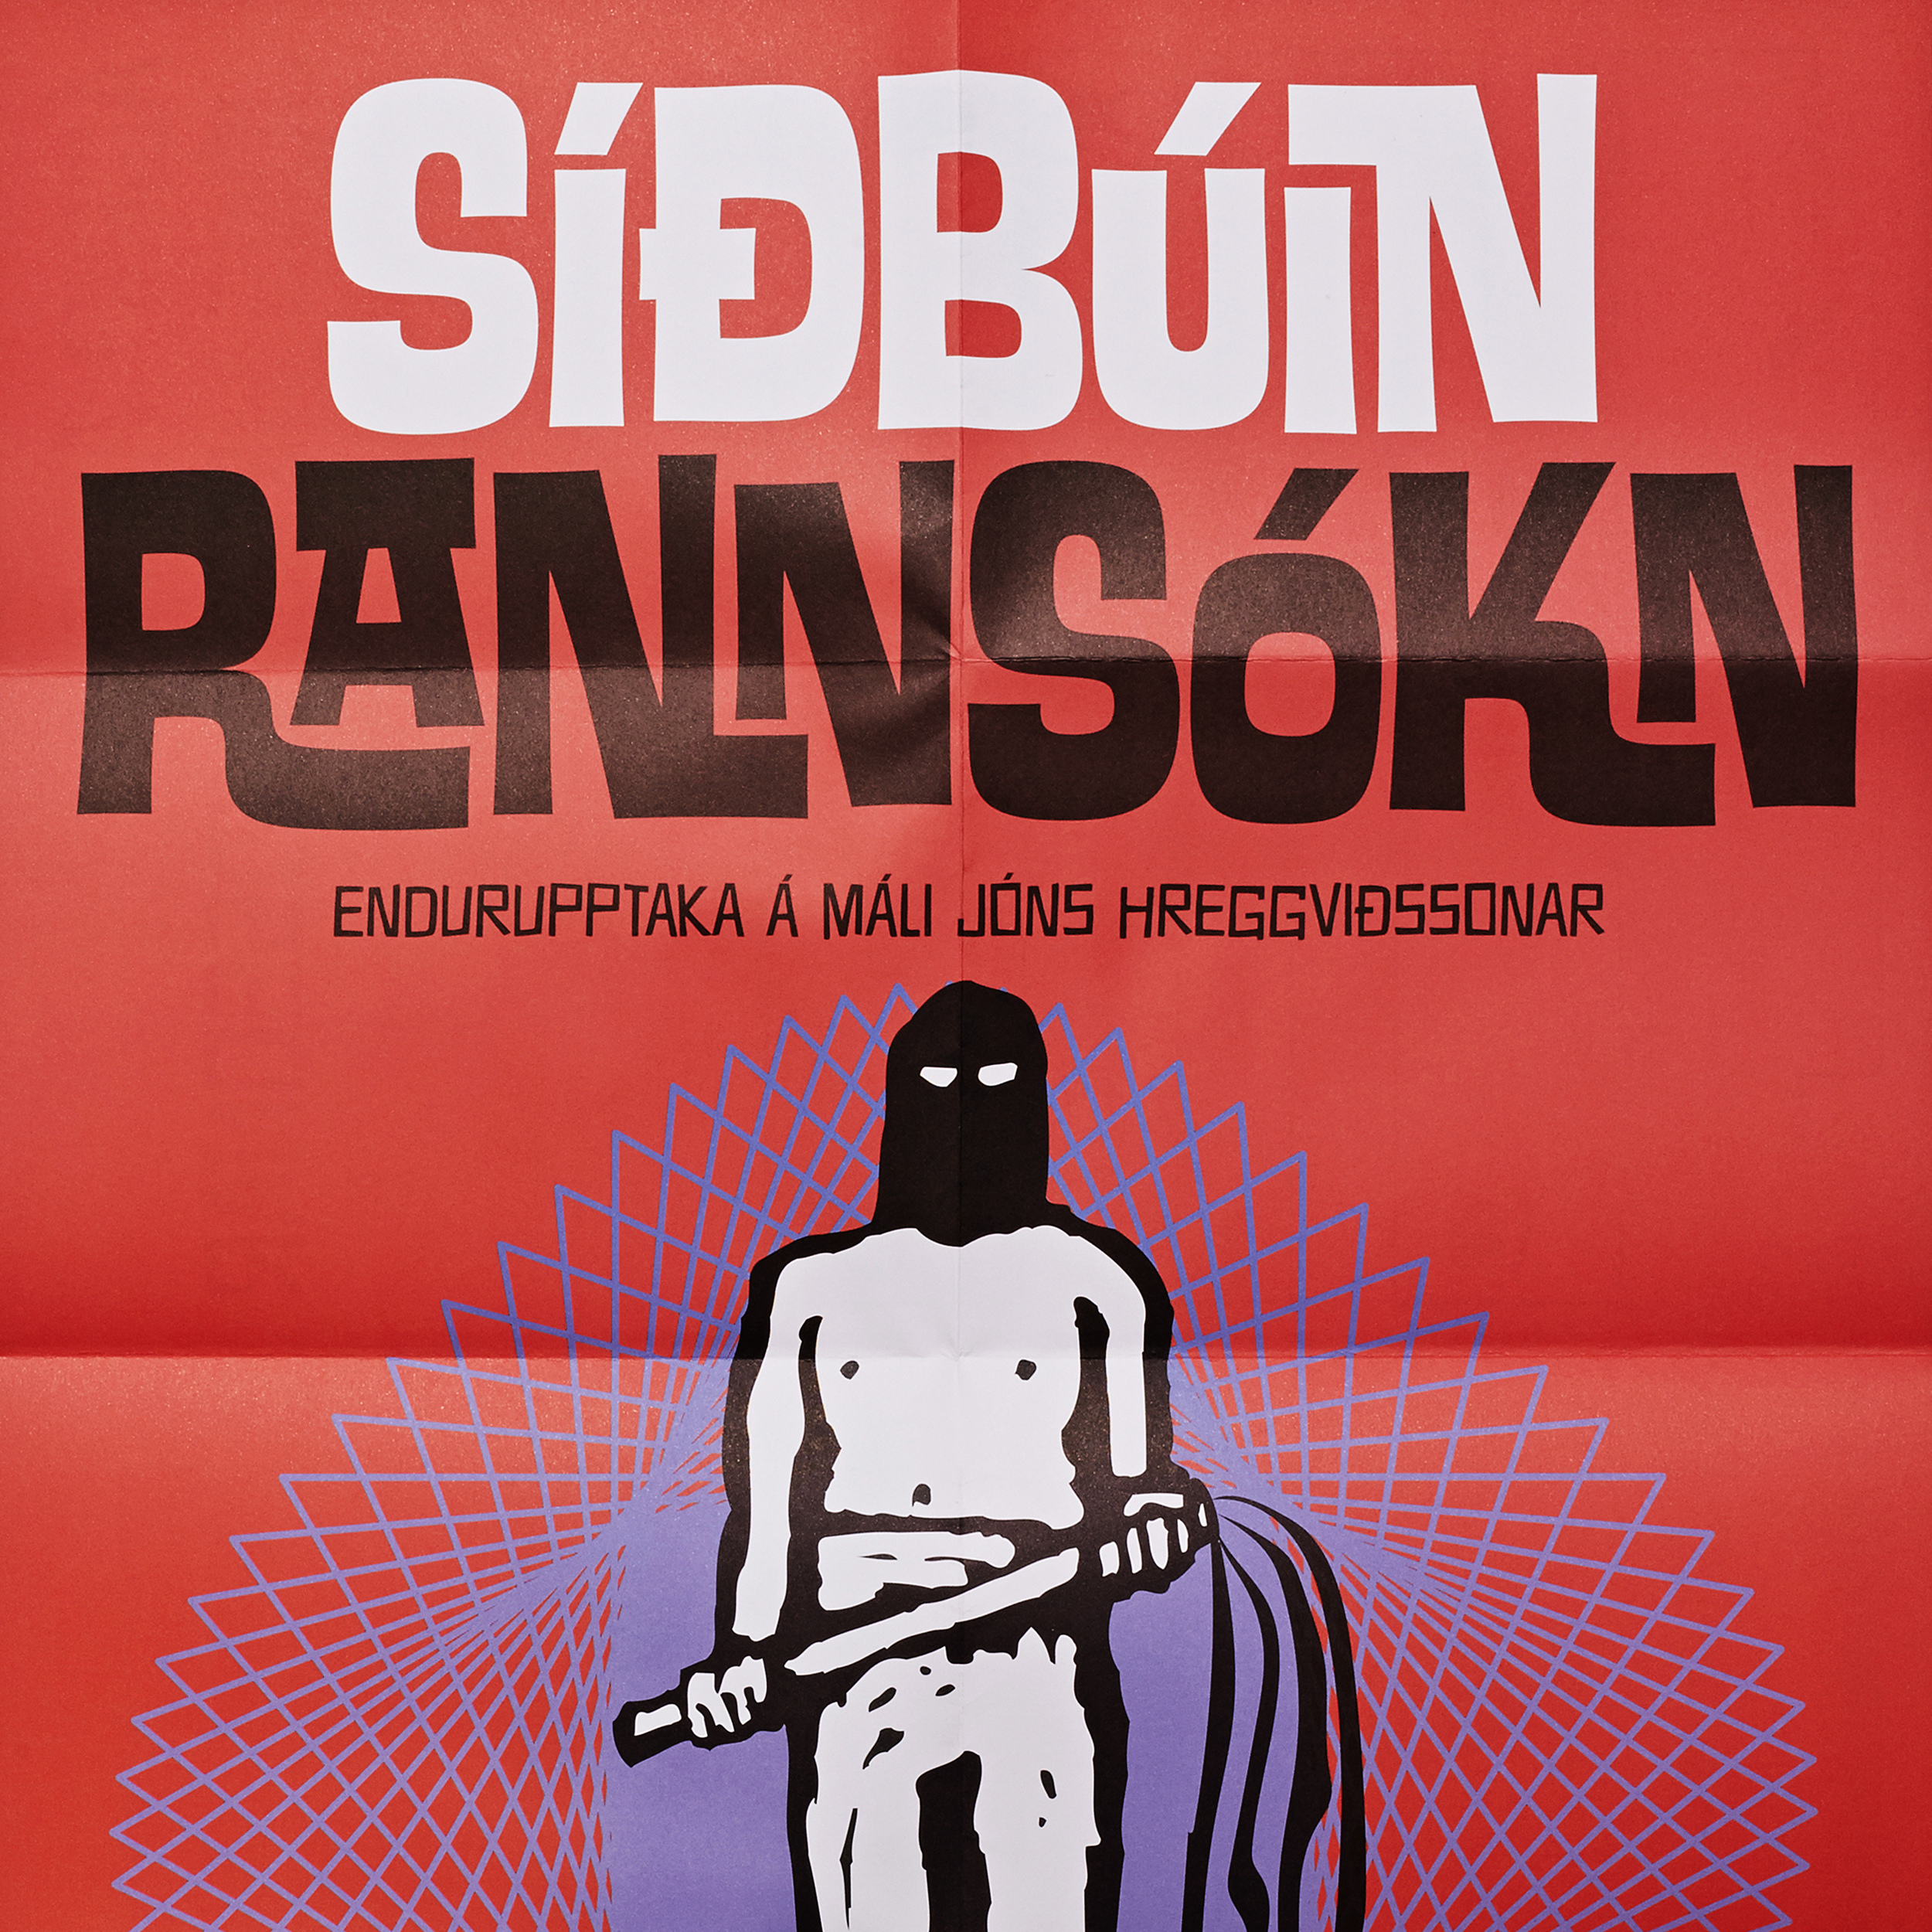 29943 - Sidbuinn Rannsokn - Poster - Close Up.jpg